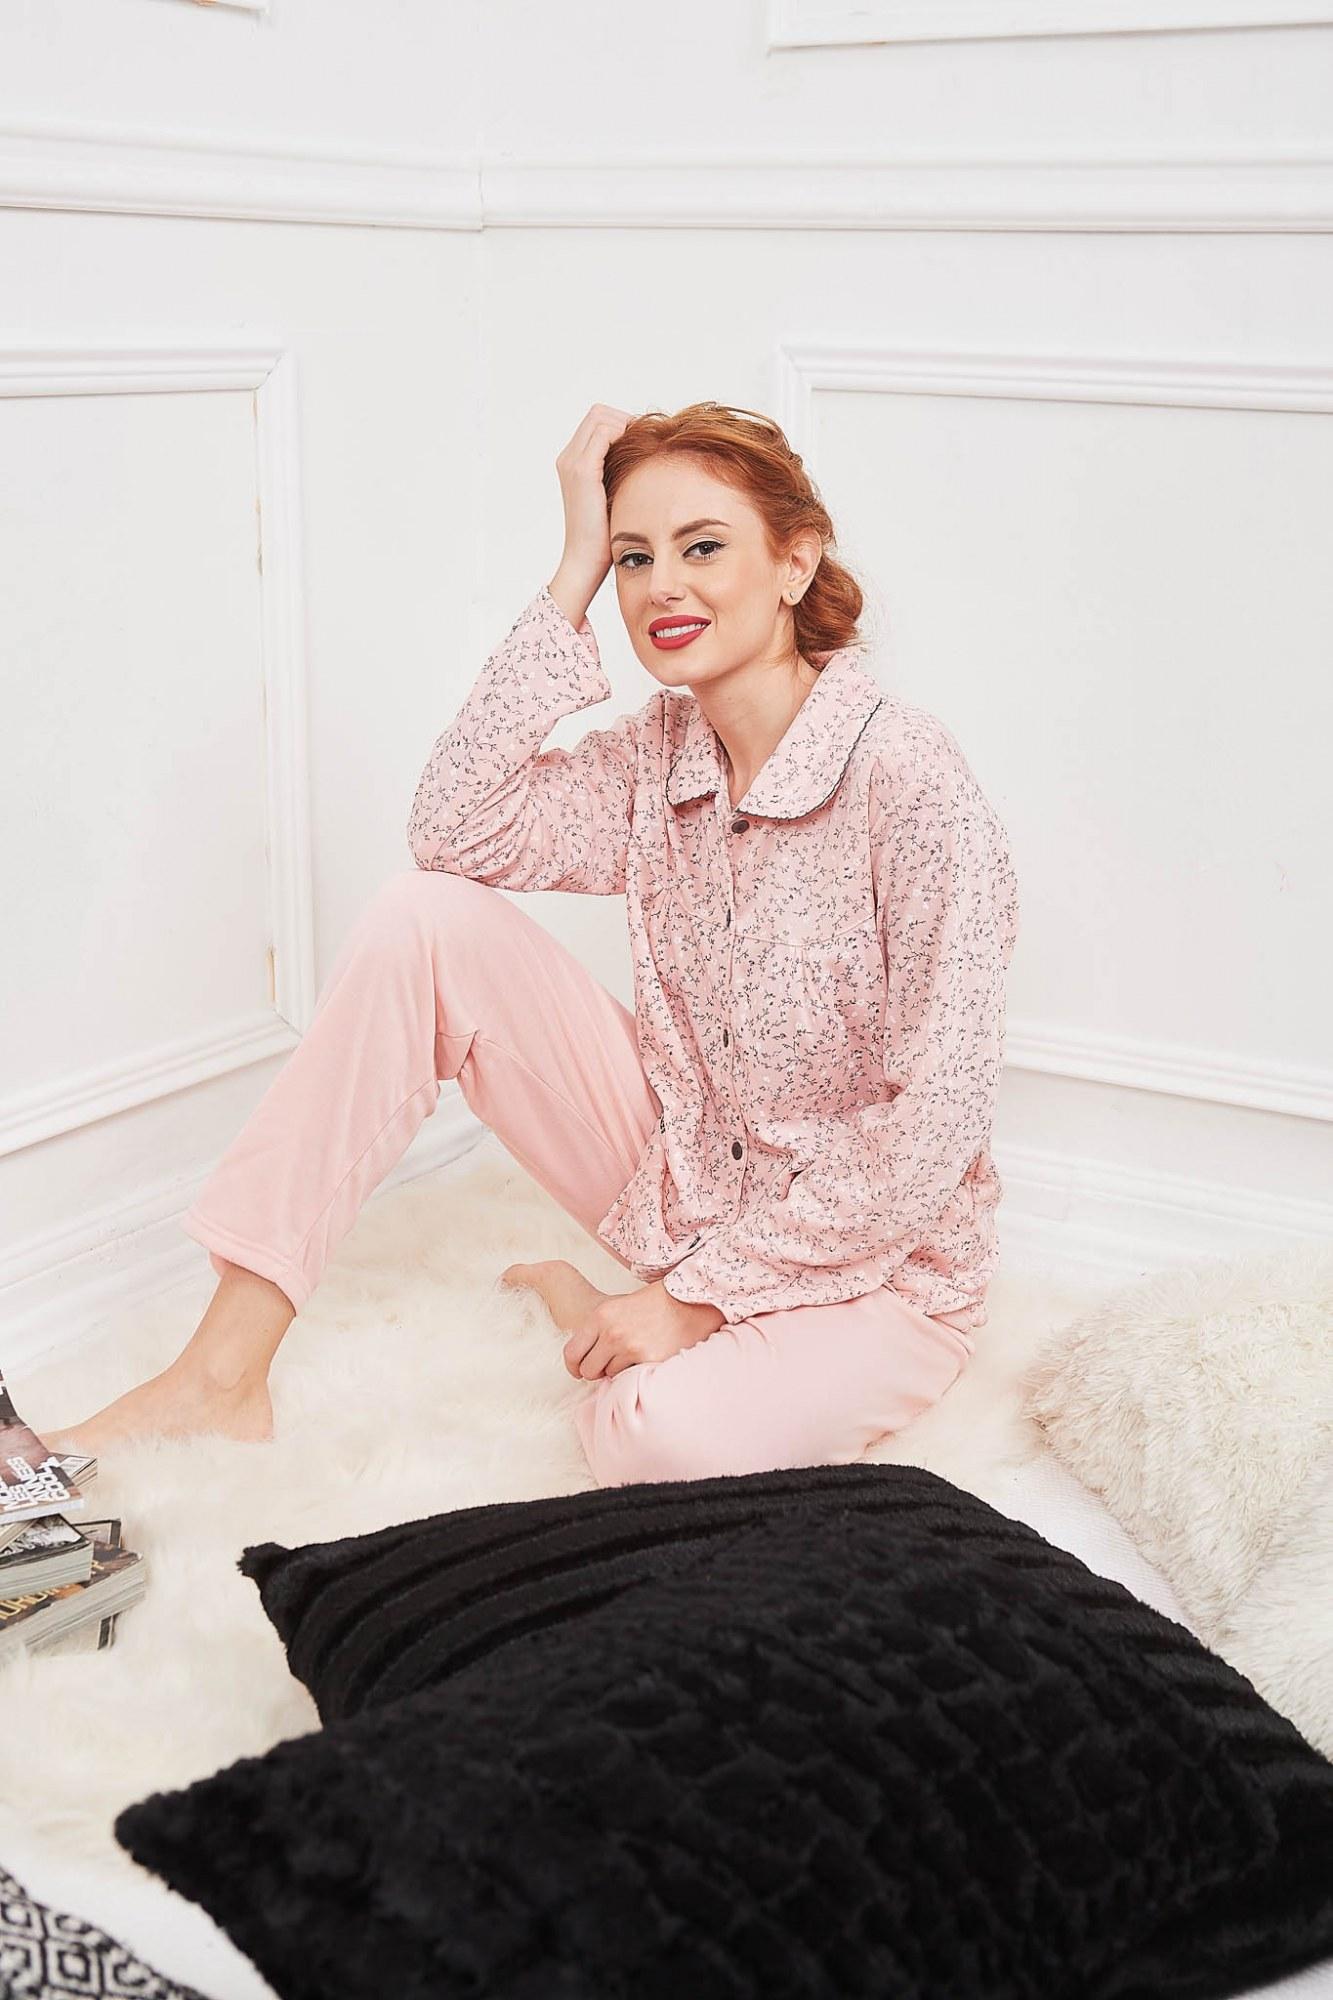 Σετ πυτζάμες ροζ με γιακά και κουμπάκια